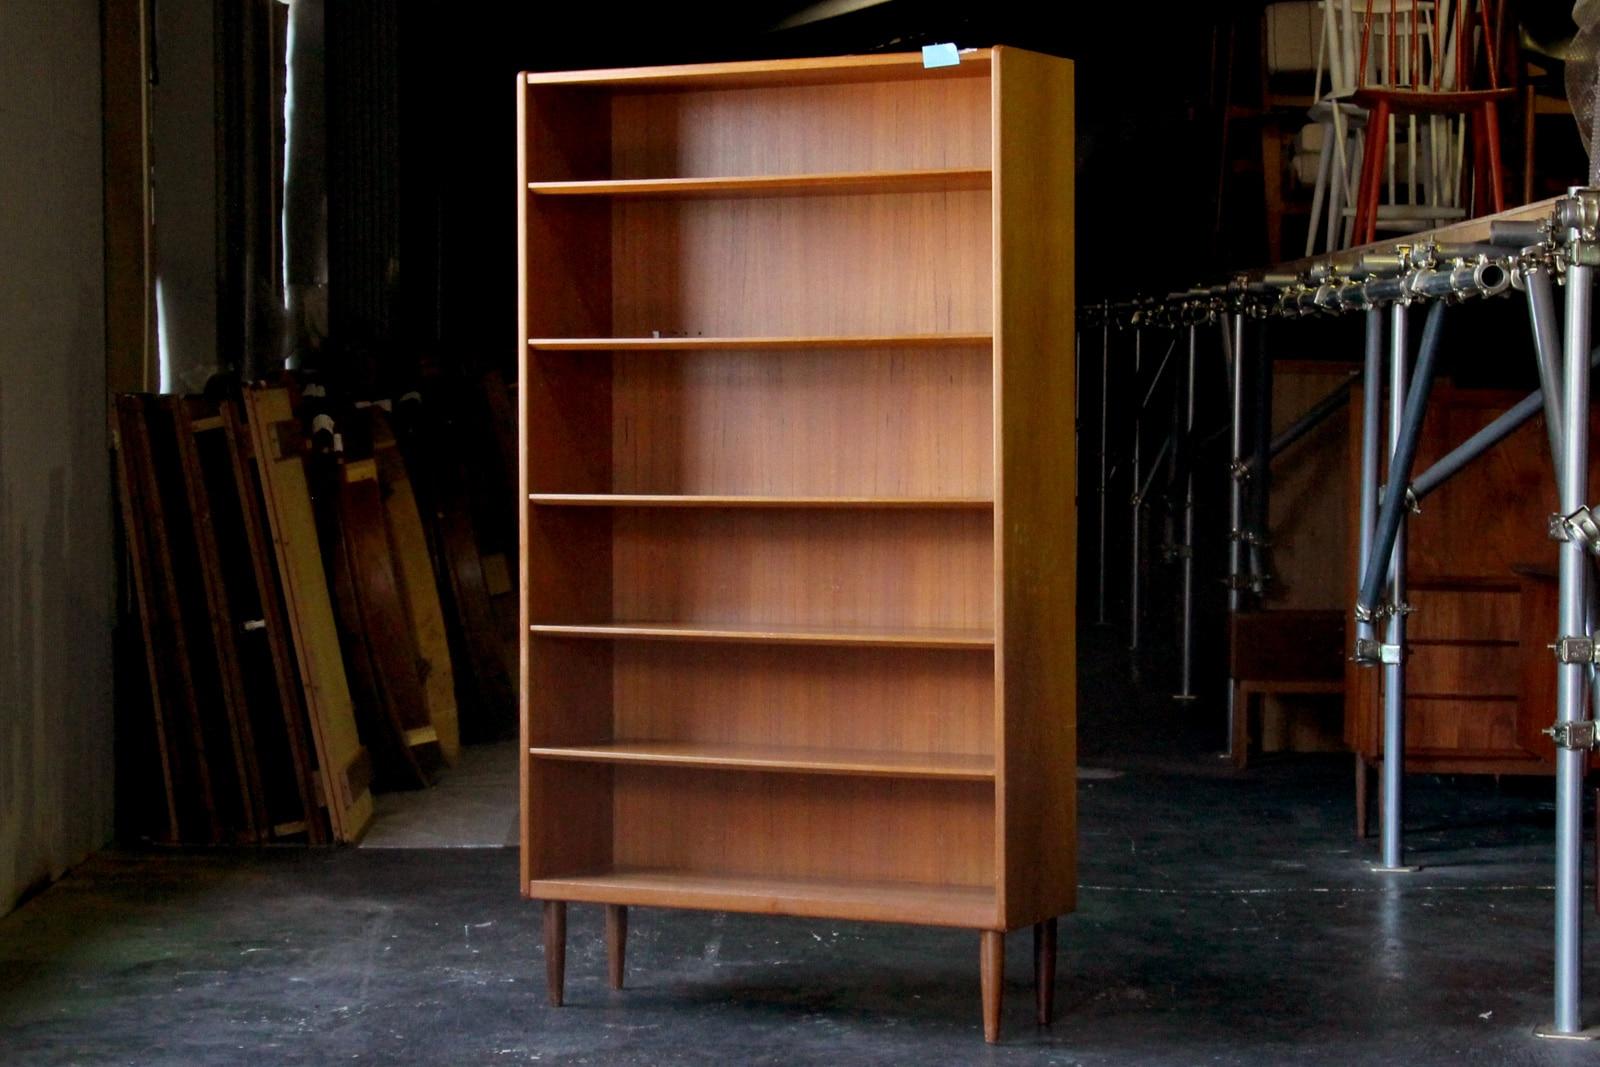 北欧,アンティーク,家具,ブック,シェルフ,本棚